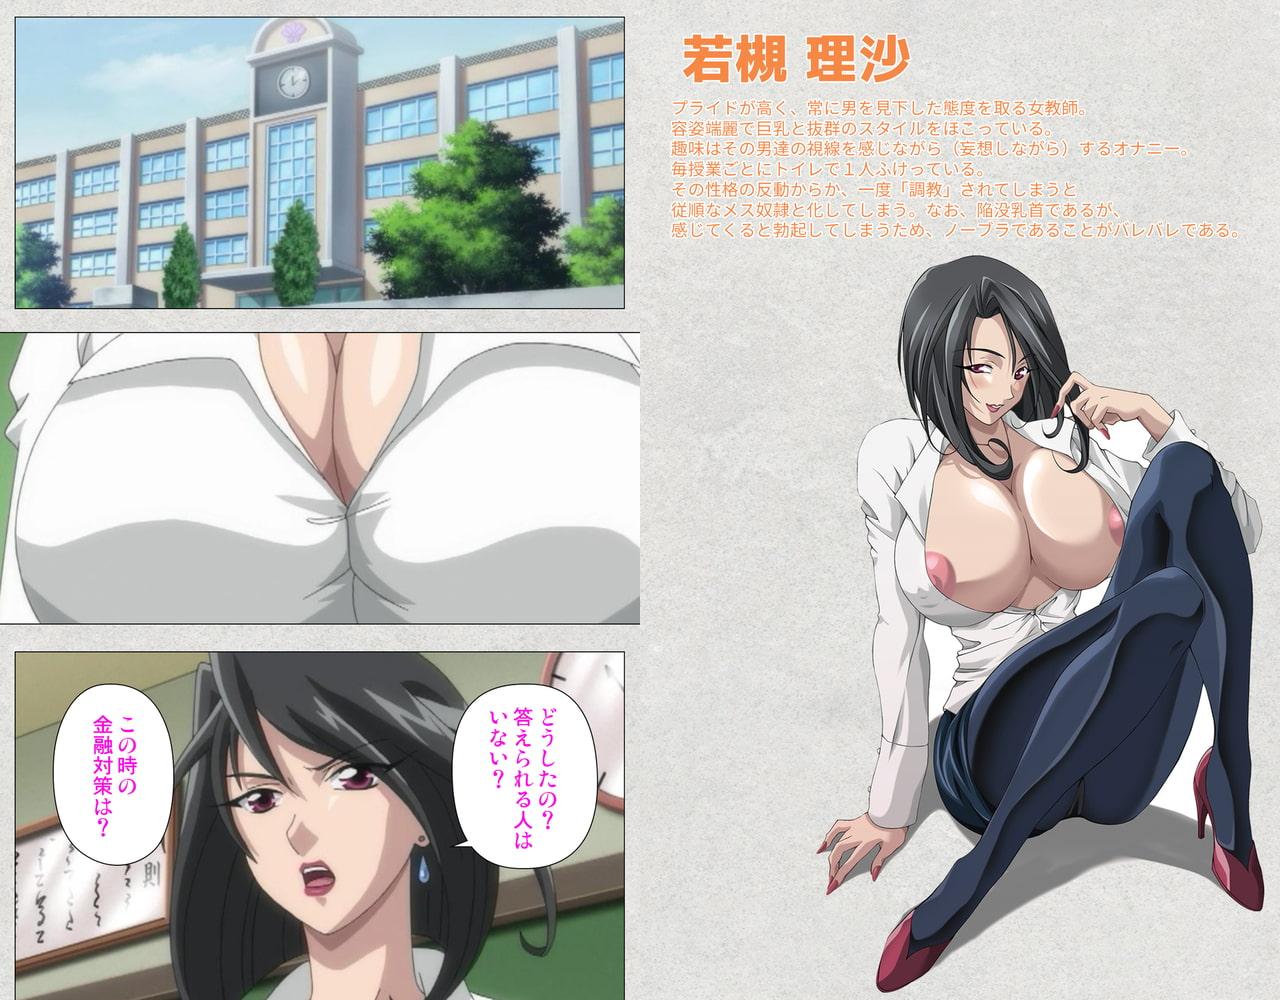 【フルカラー成人版】爆乳BOMB #3 女教師 若槻理沙 男子トイレは危険がいっぱい。